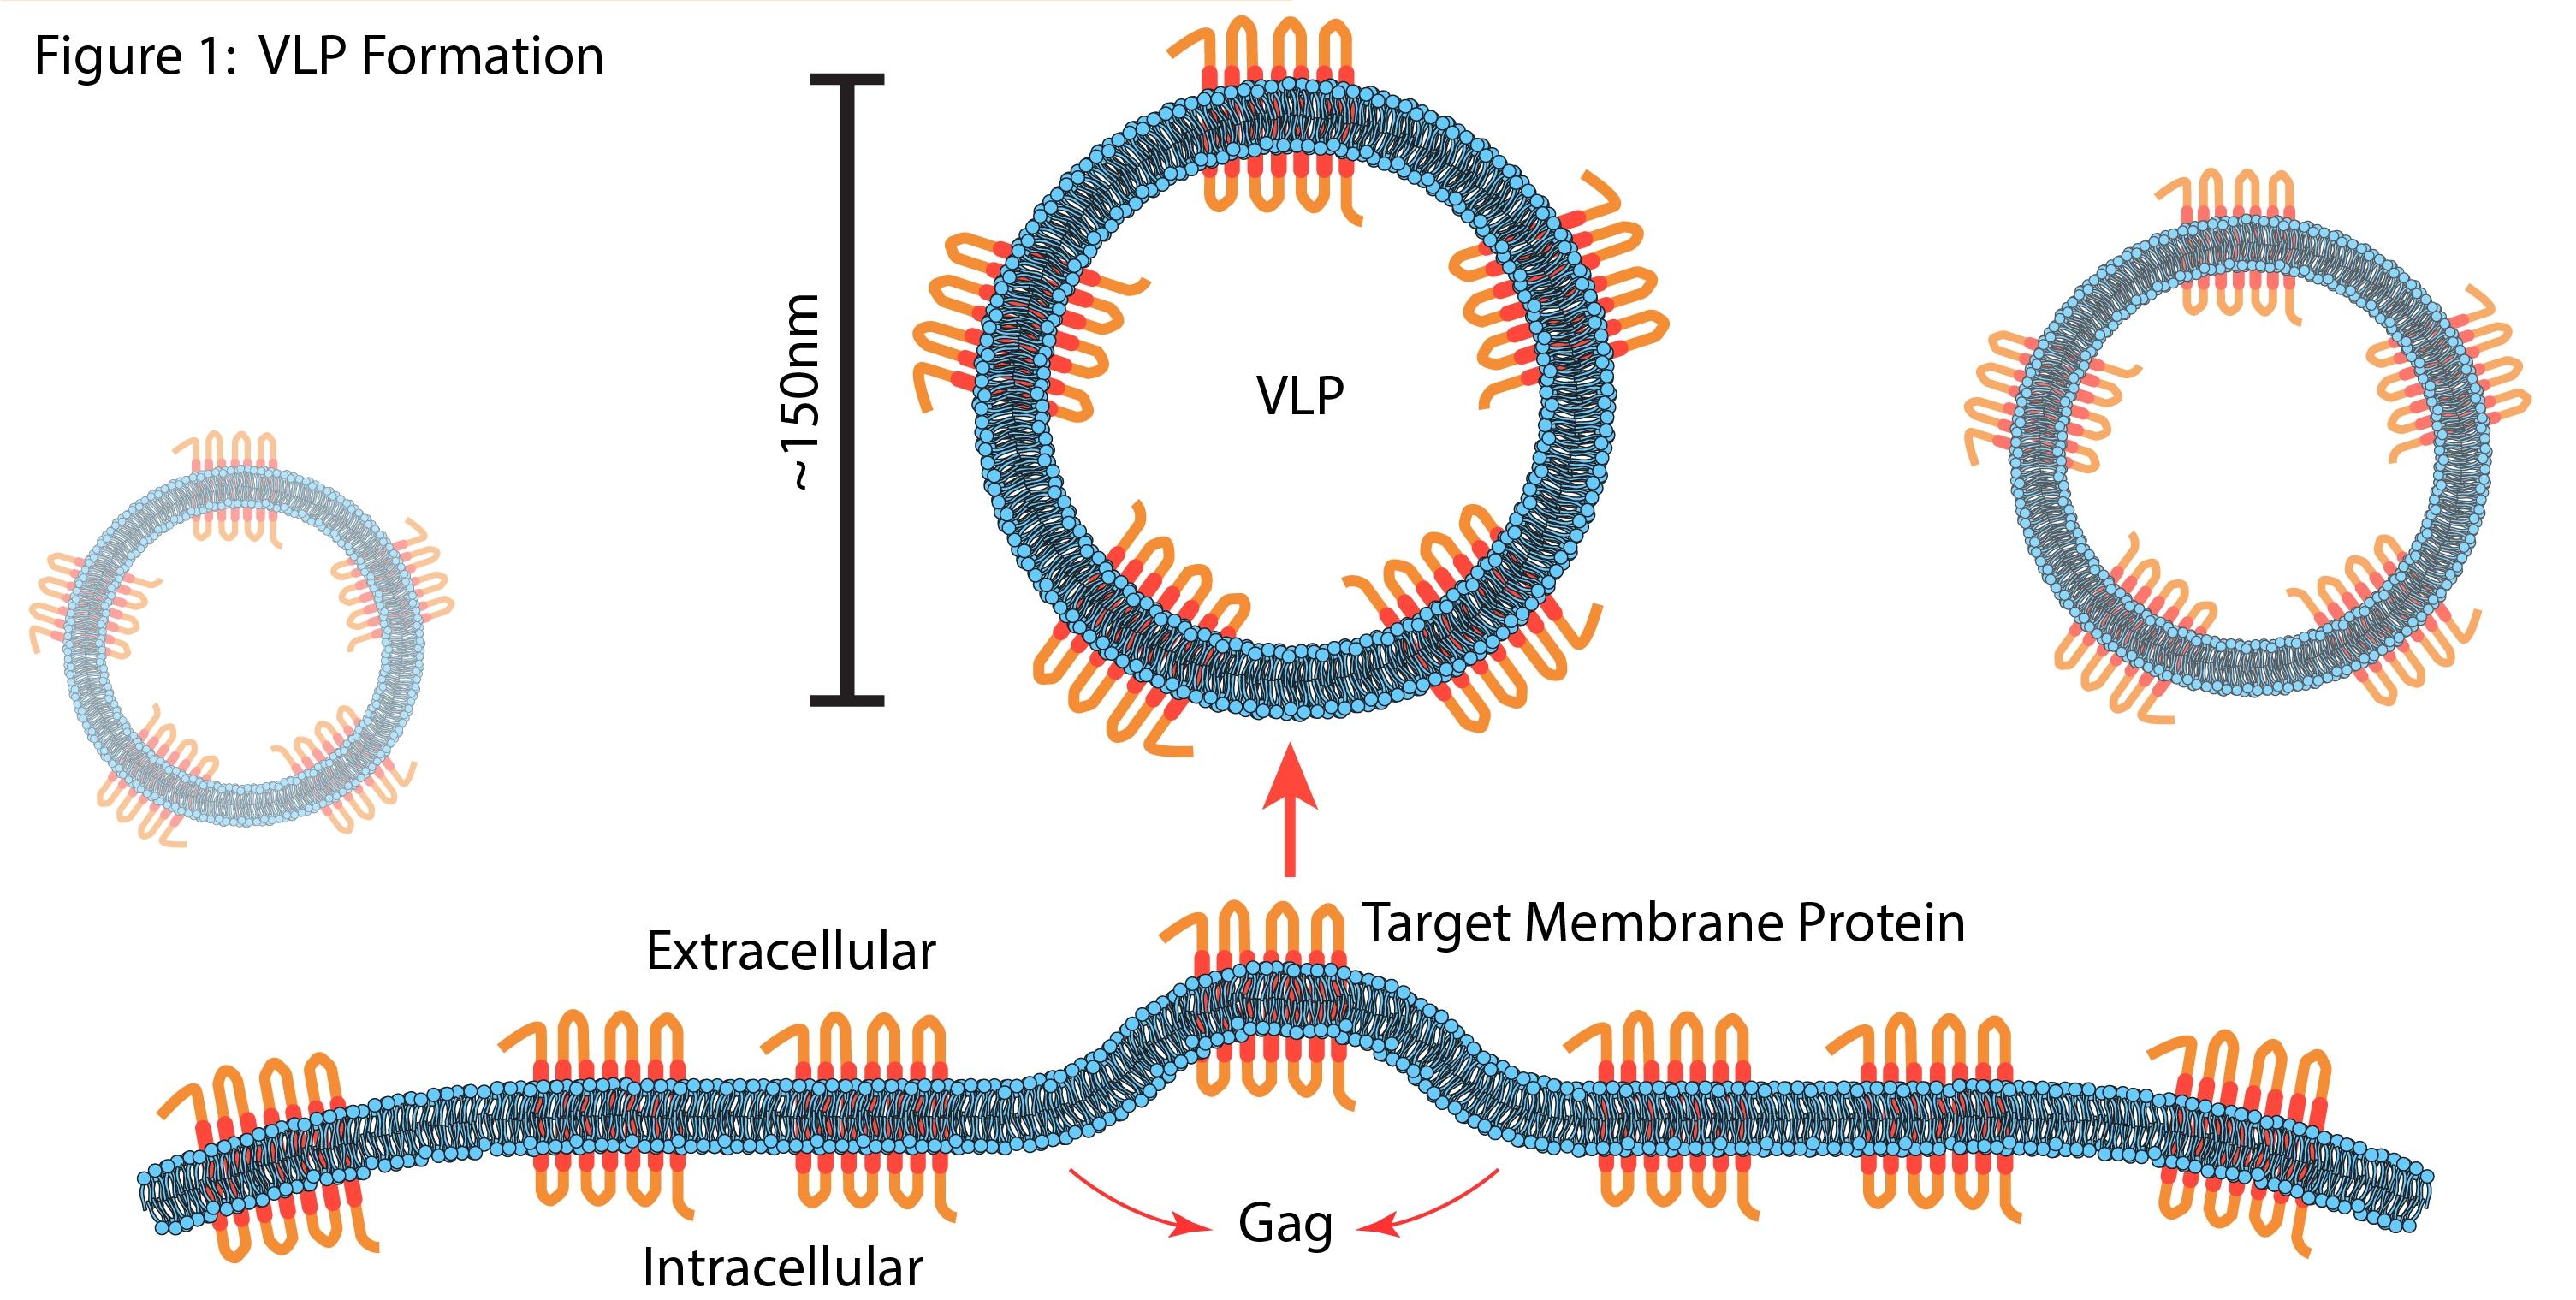 VLP Formation